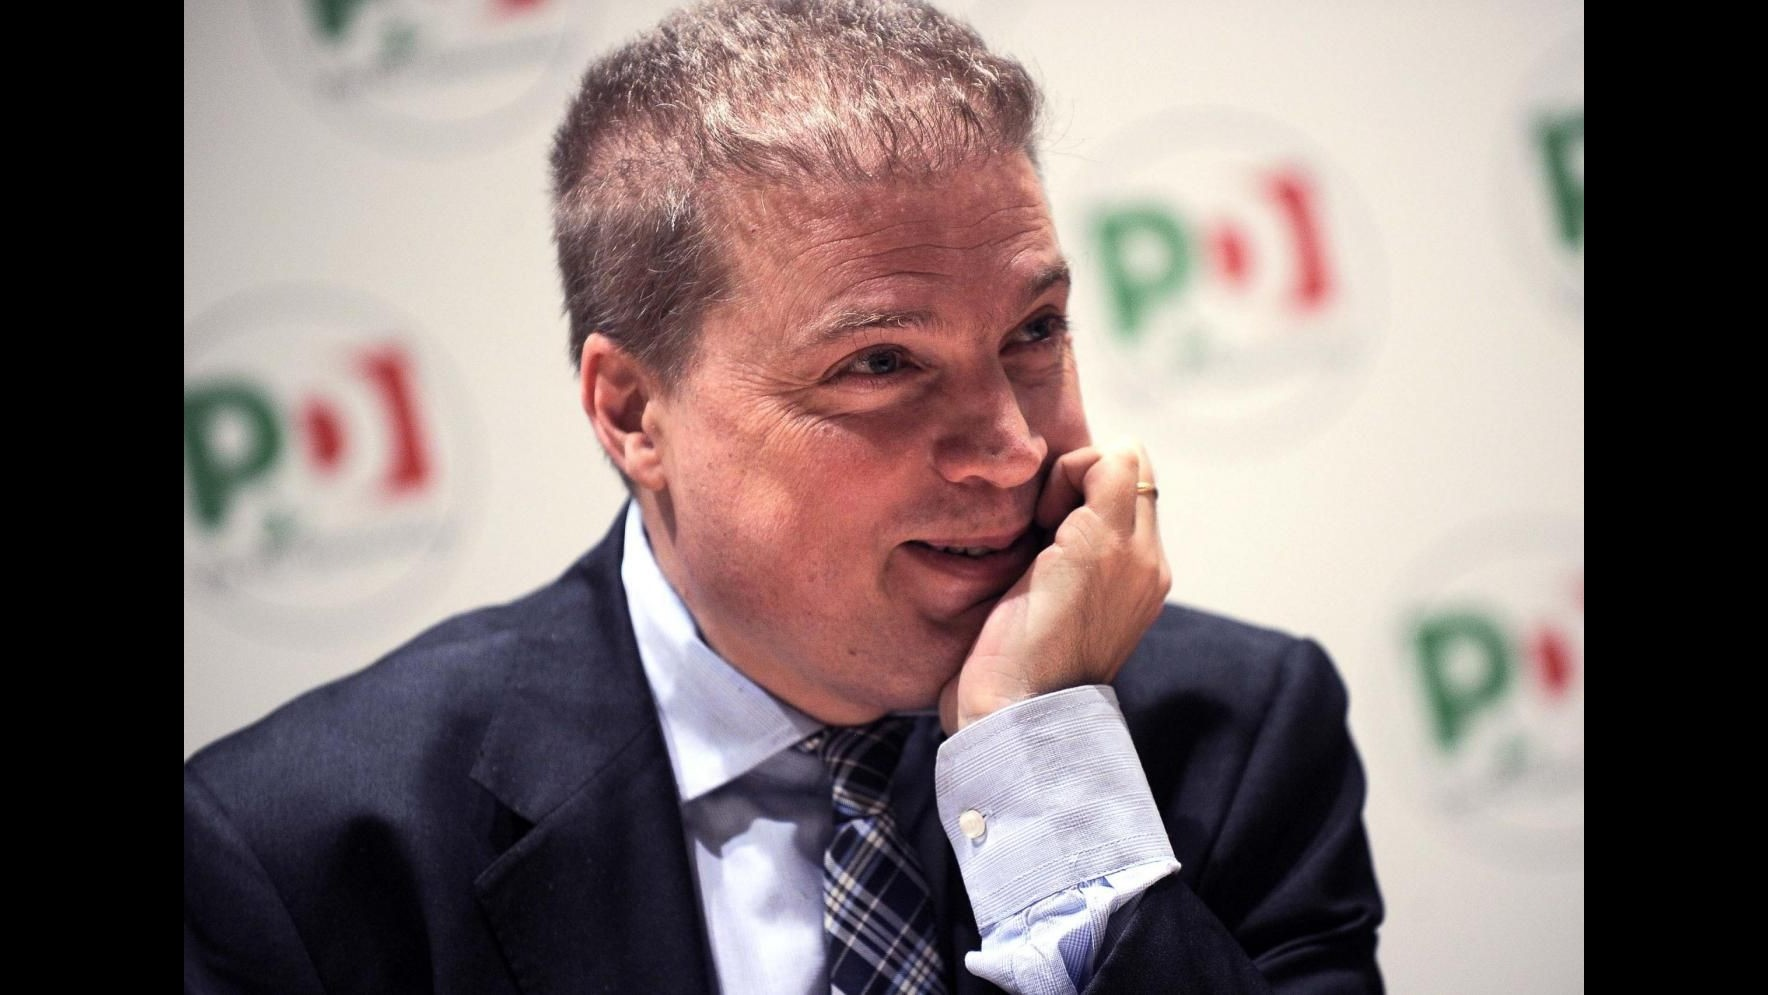 Banche, De Maria (Pd): Attacco strumentale e campagna contro Boschi